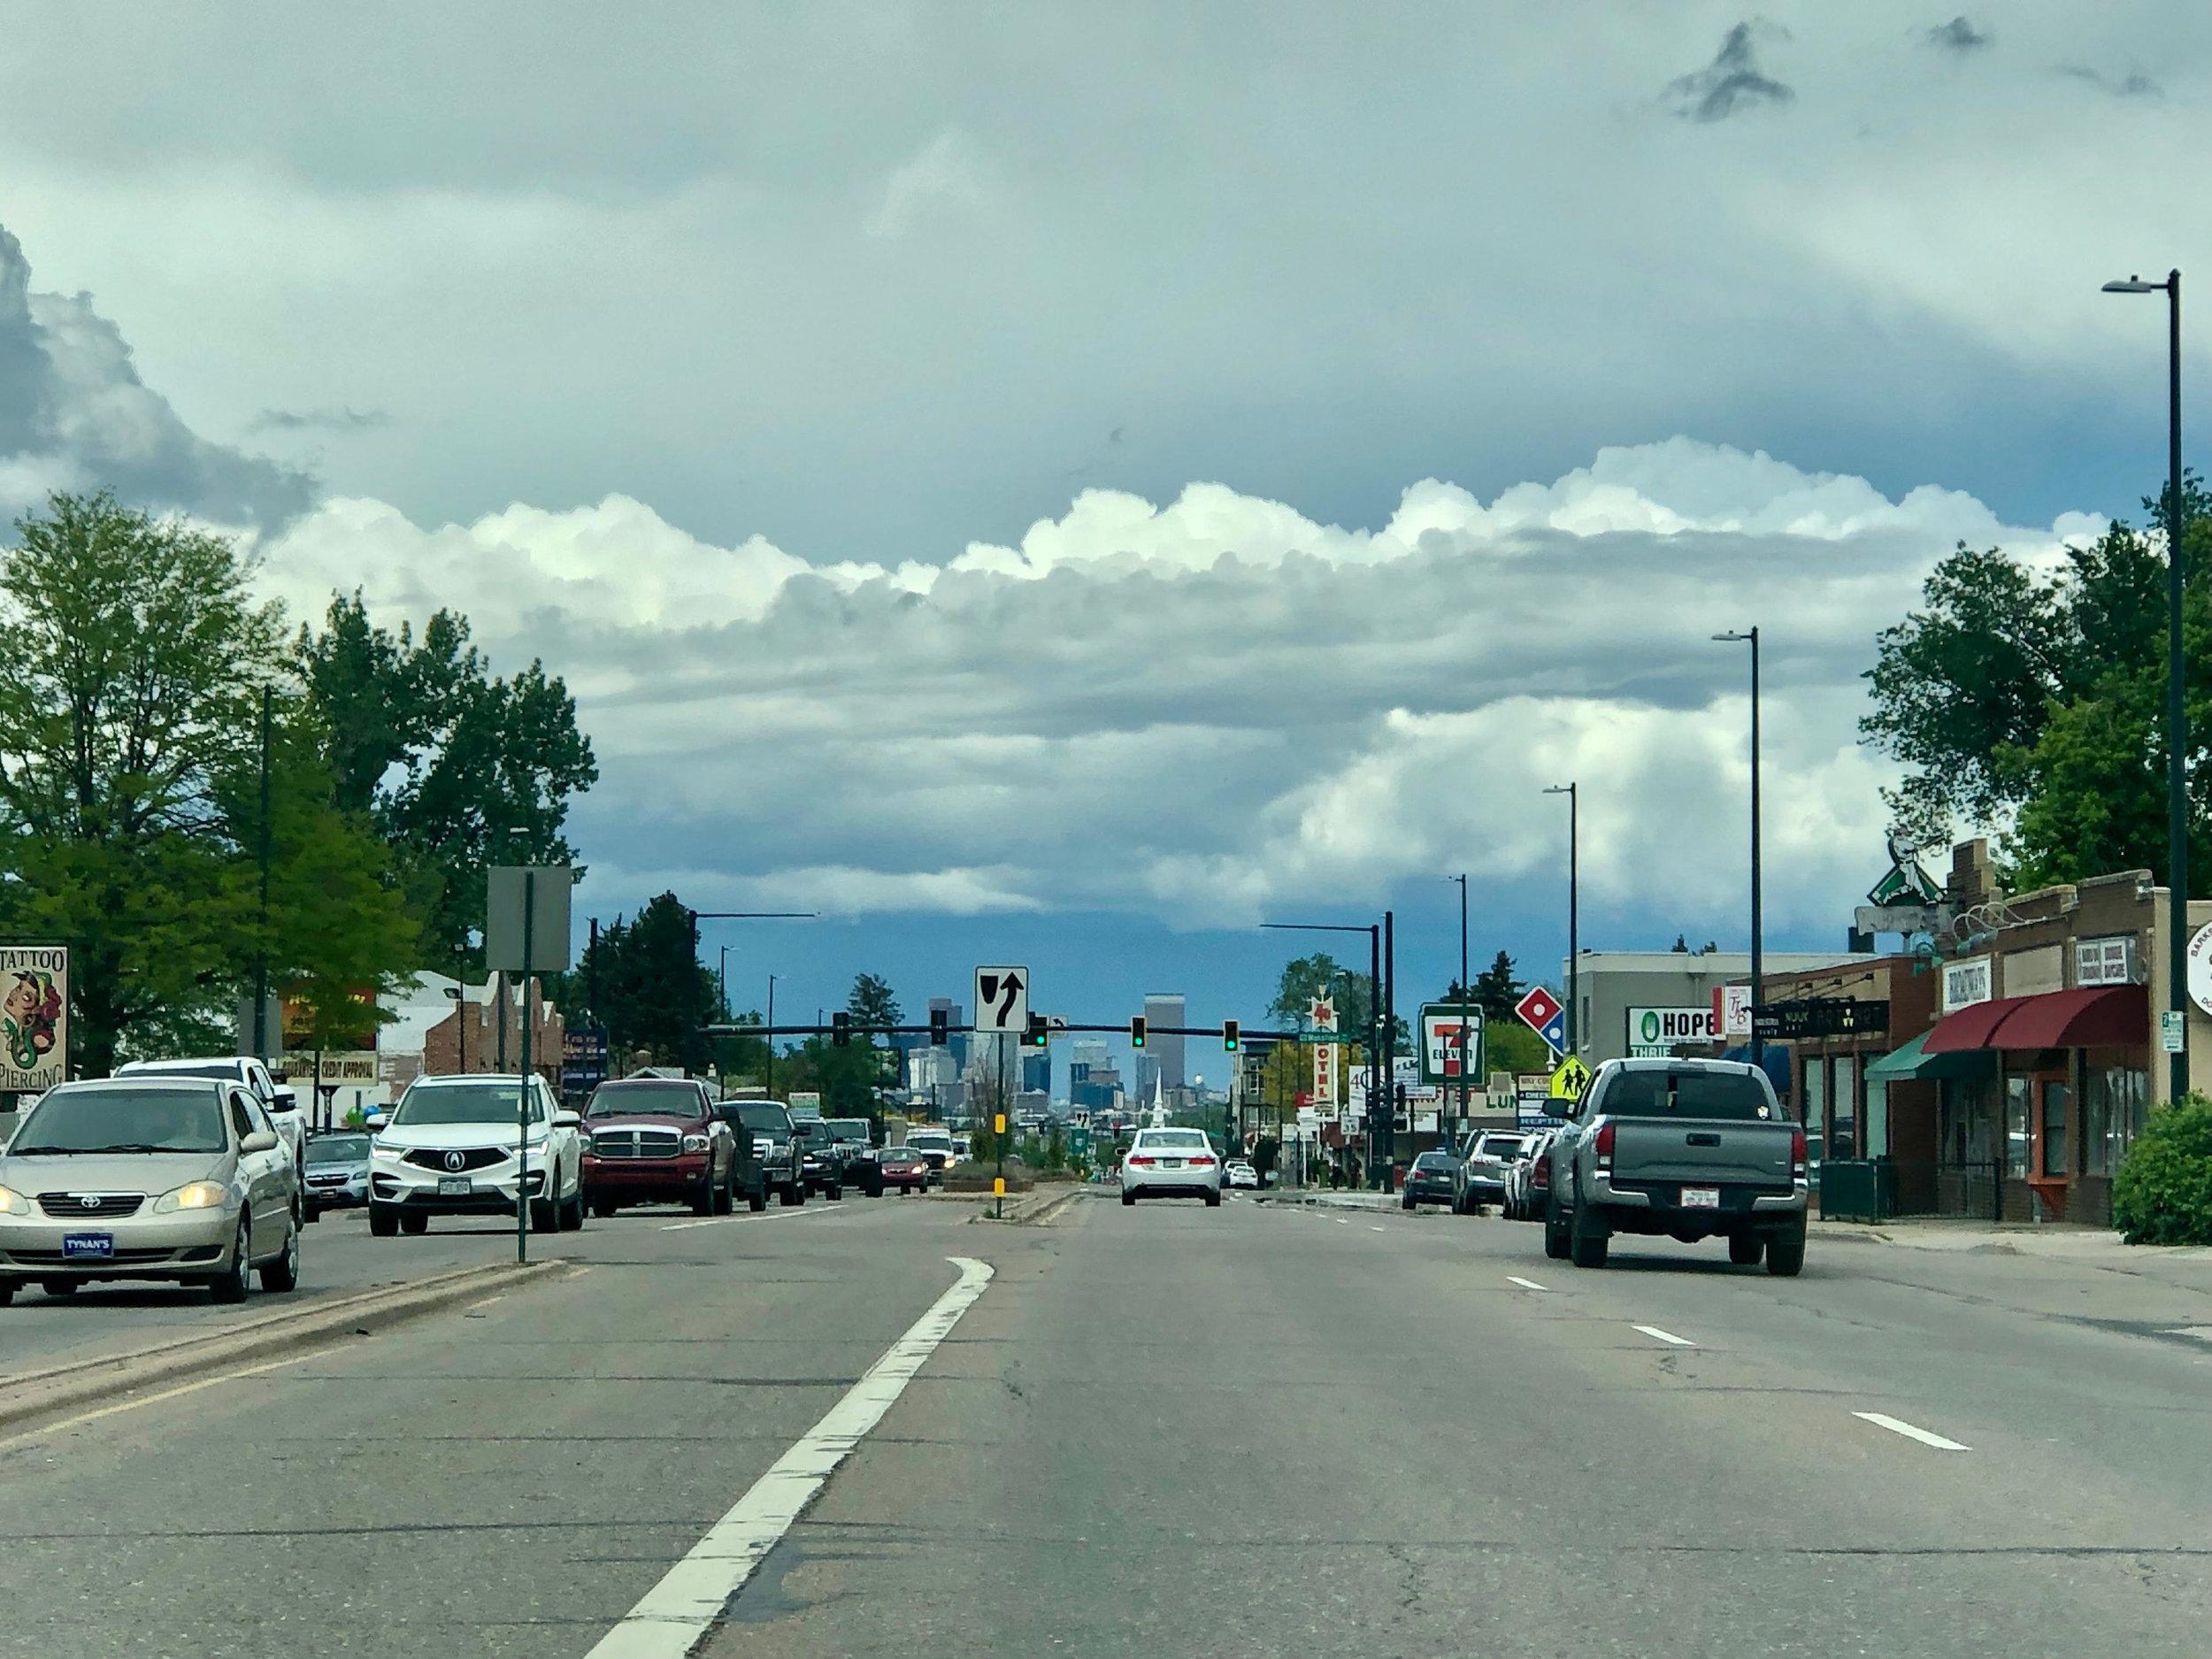 englewood street view.jpg